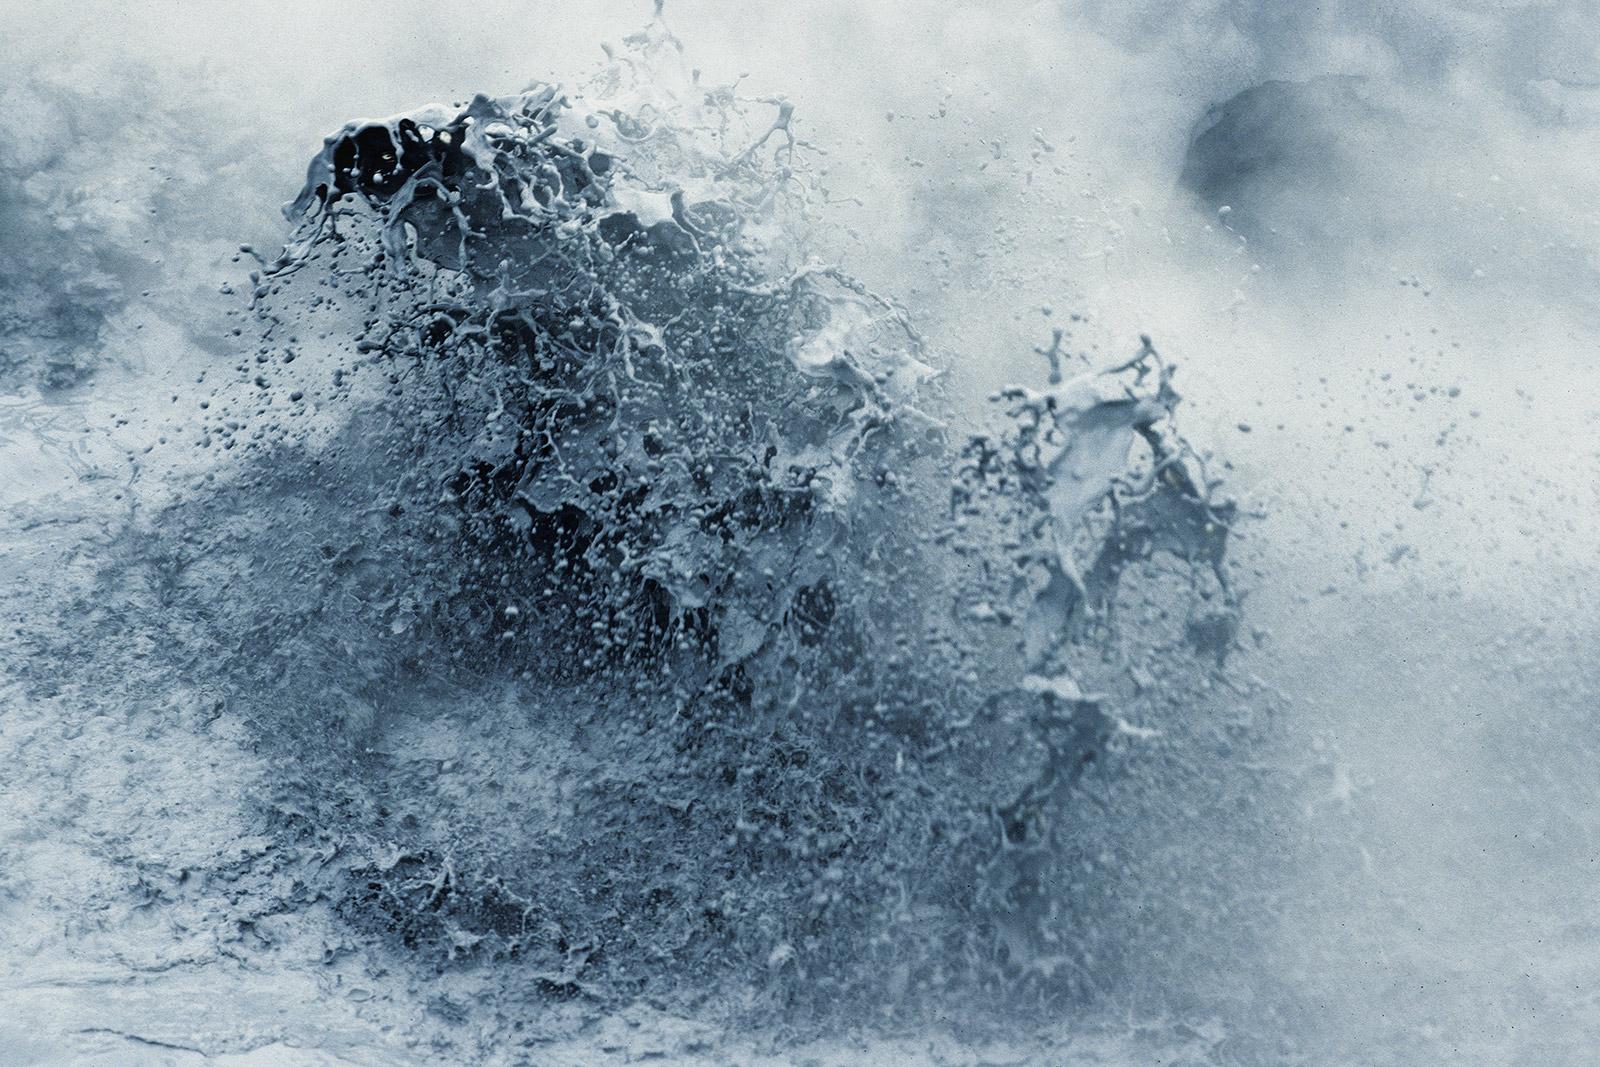 Marmites de boue - Champ géothermique Namafjall - Islande